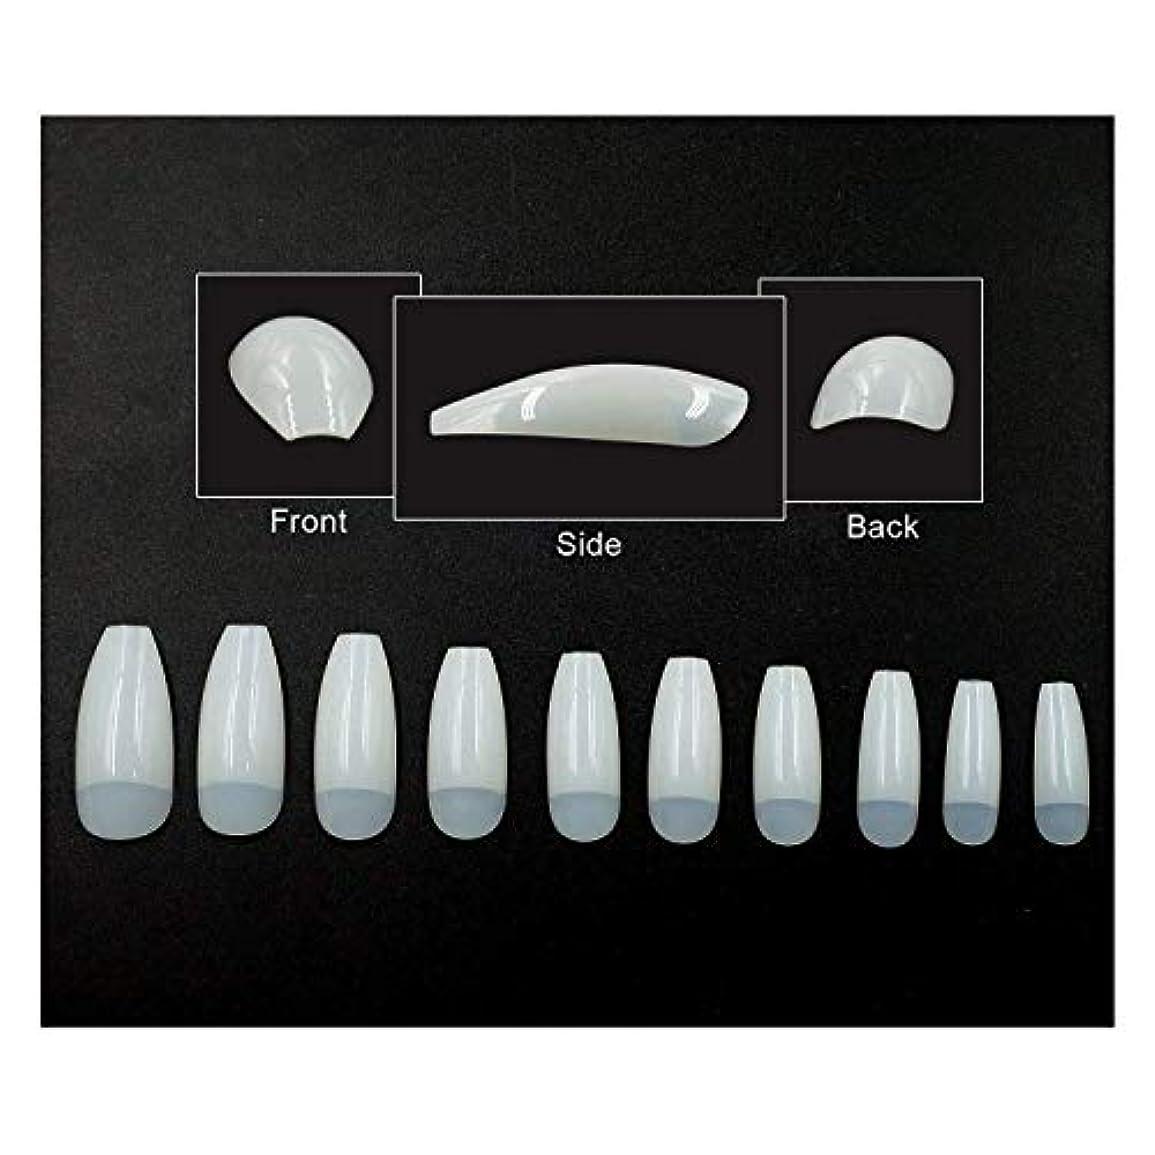 憂鬱な通常拳Murakush 偽ネイル 偽爪 ネイルアート 500個 3d UVジェル 自己接着 スライス ポリマークレイ diyネイル マニキュアの装飾 ネイルチップ ネイルデコレーション 手作り 可愛い